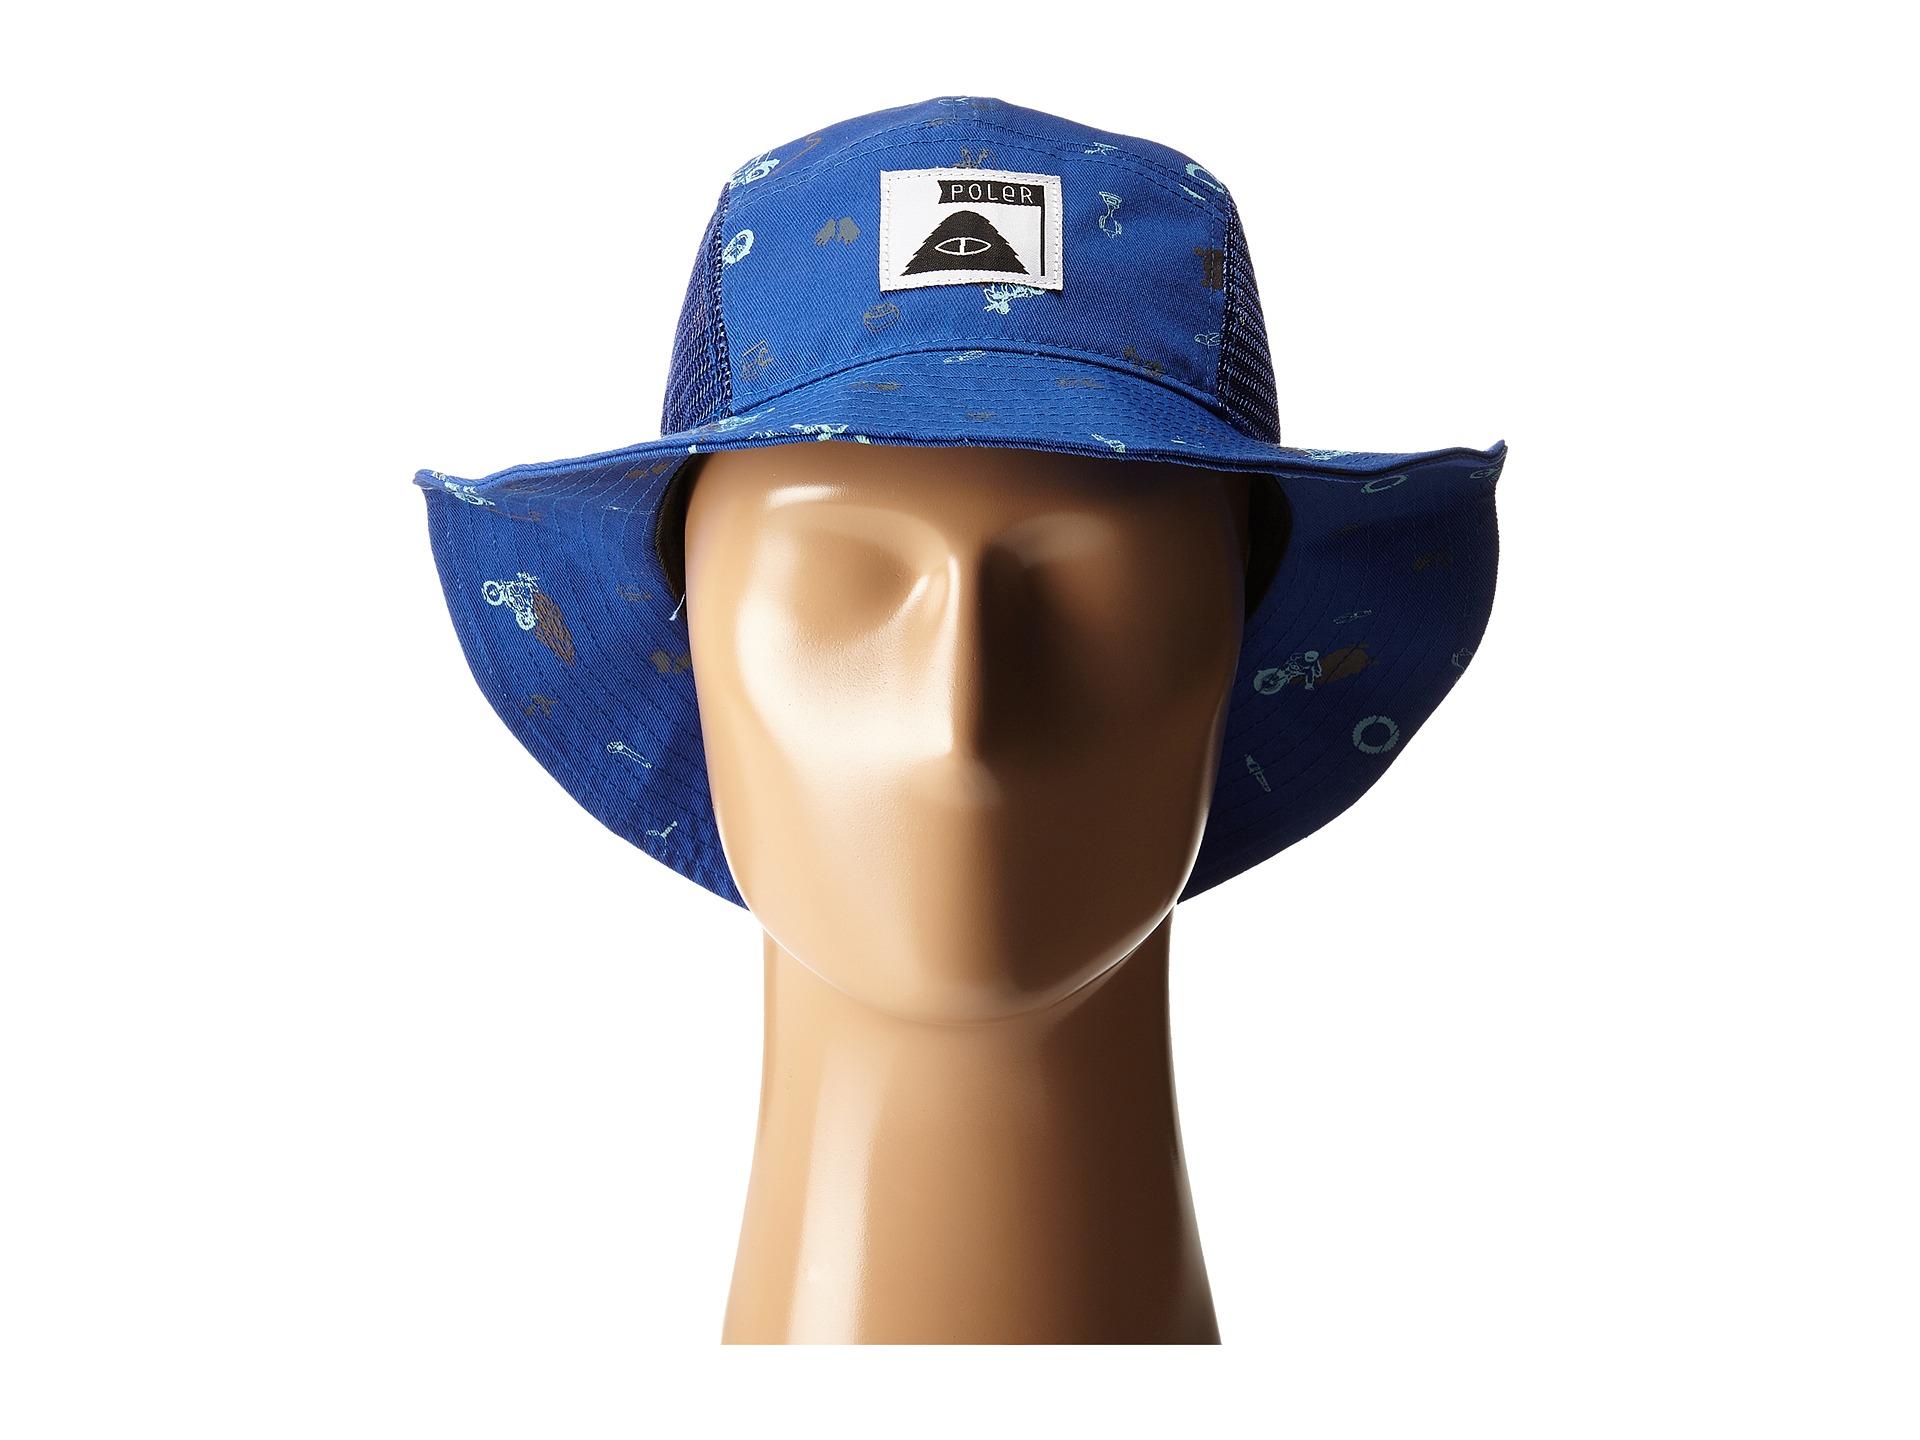 afb7315b226 Lyst - Poler Lunchpail Bucket Hat in Blue for Men